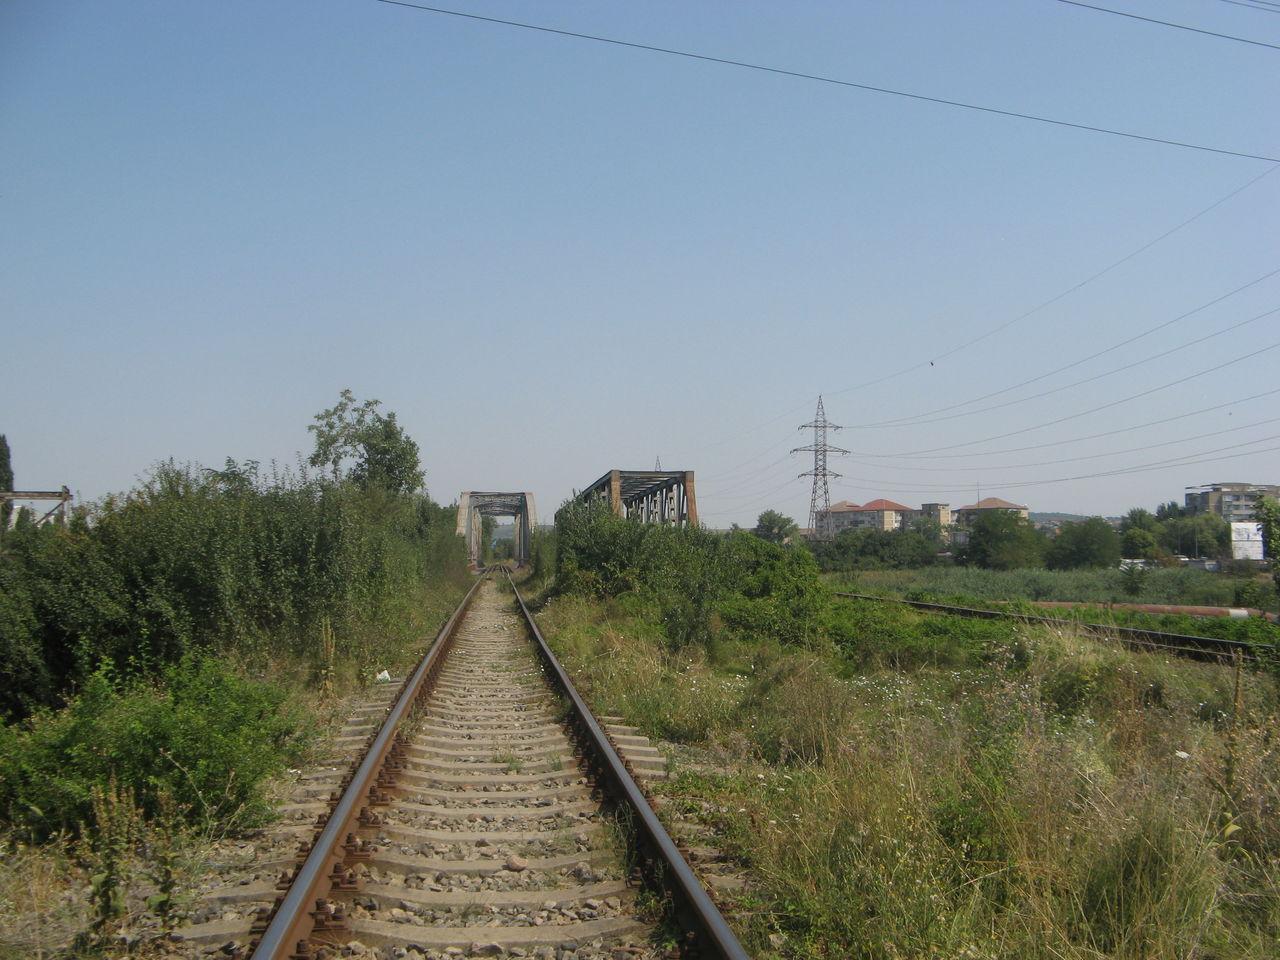 Calea ferată directă Oradea Vest - Episcopia Bihor IMG_0012